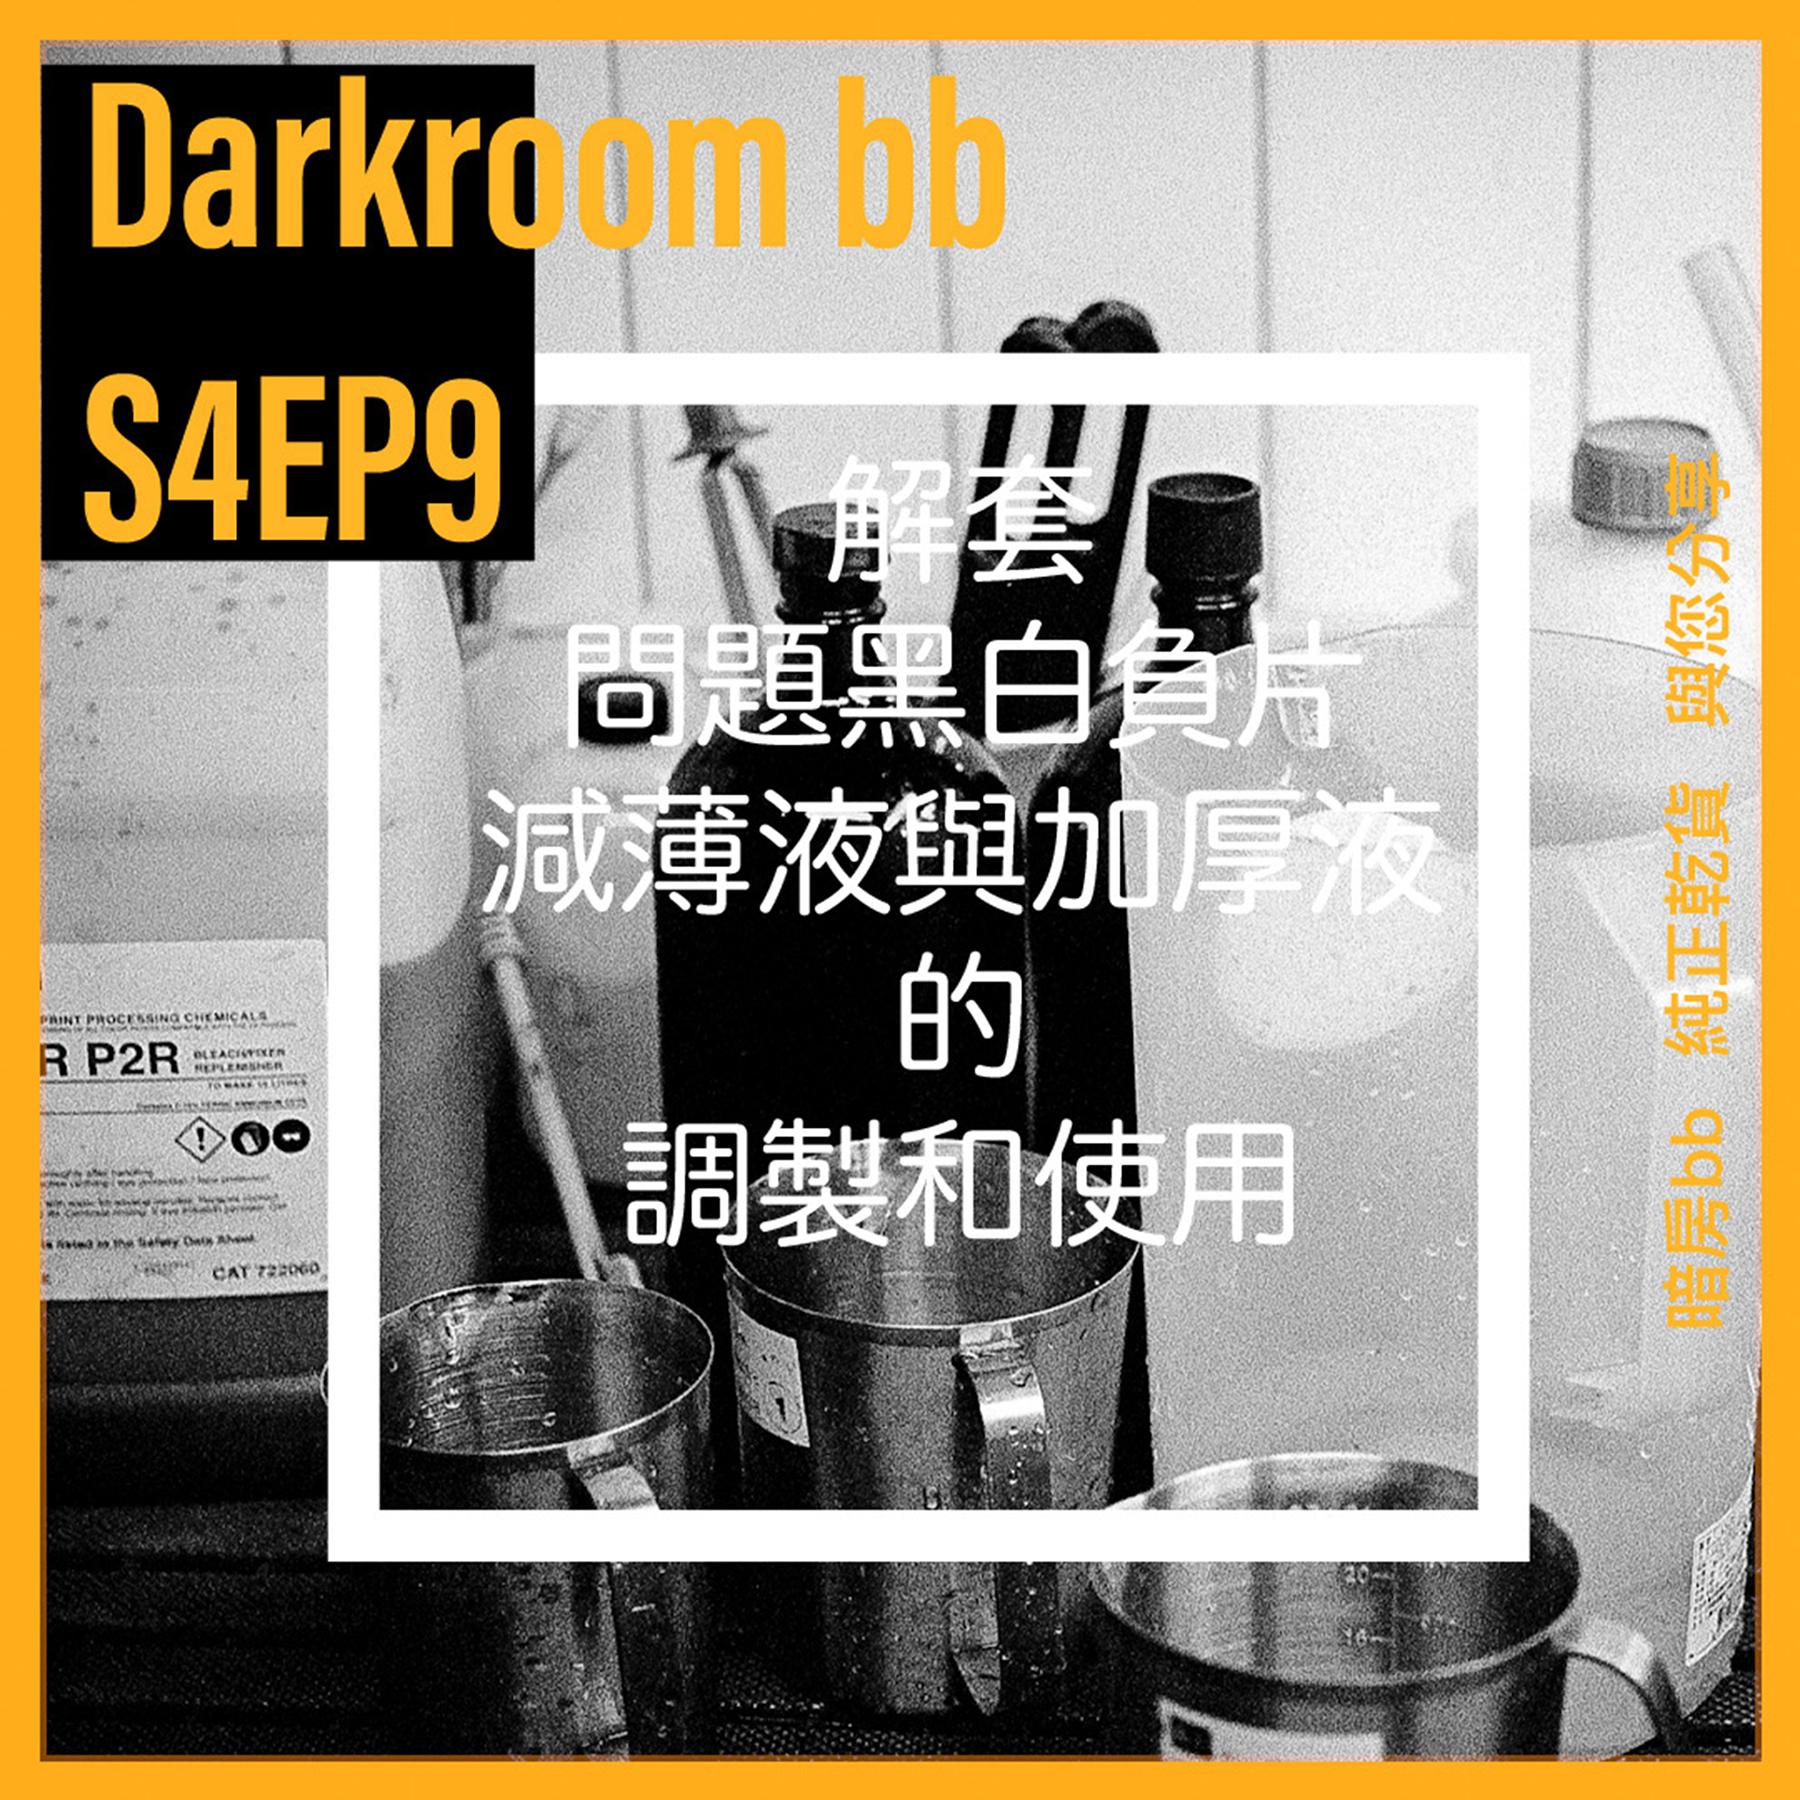 S4EP9 解套問題黑白負片/減薄液與加厚液的調製和使用